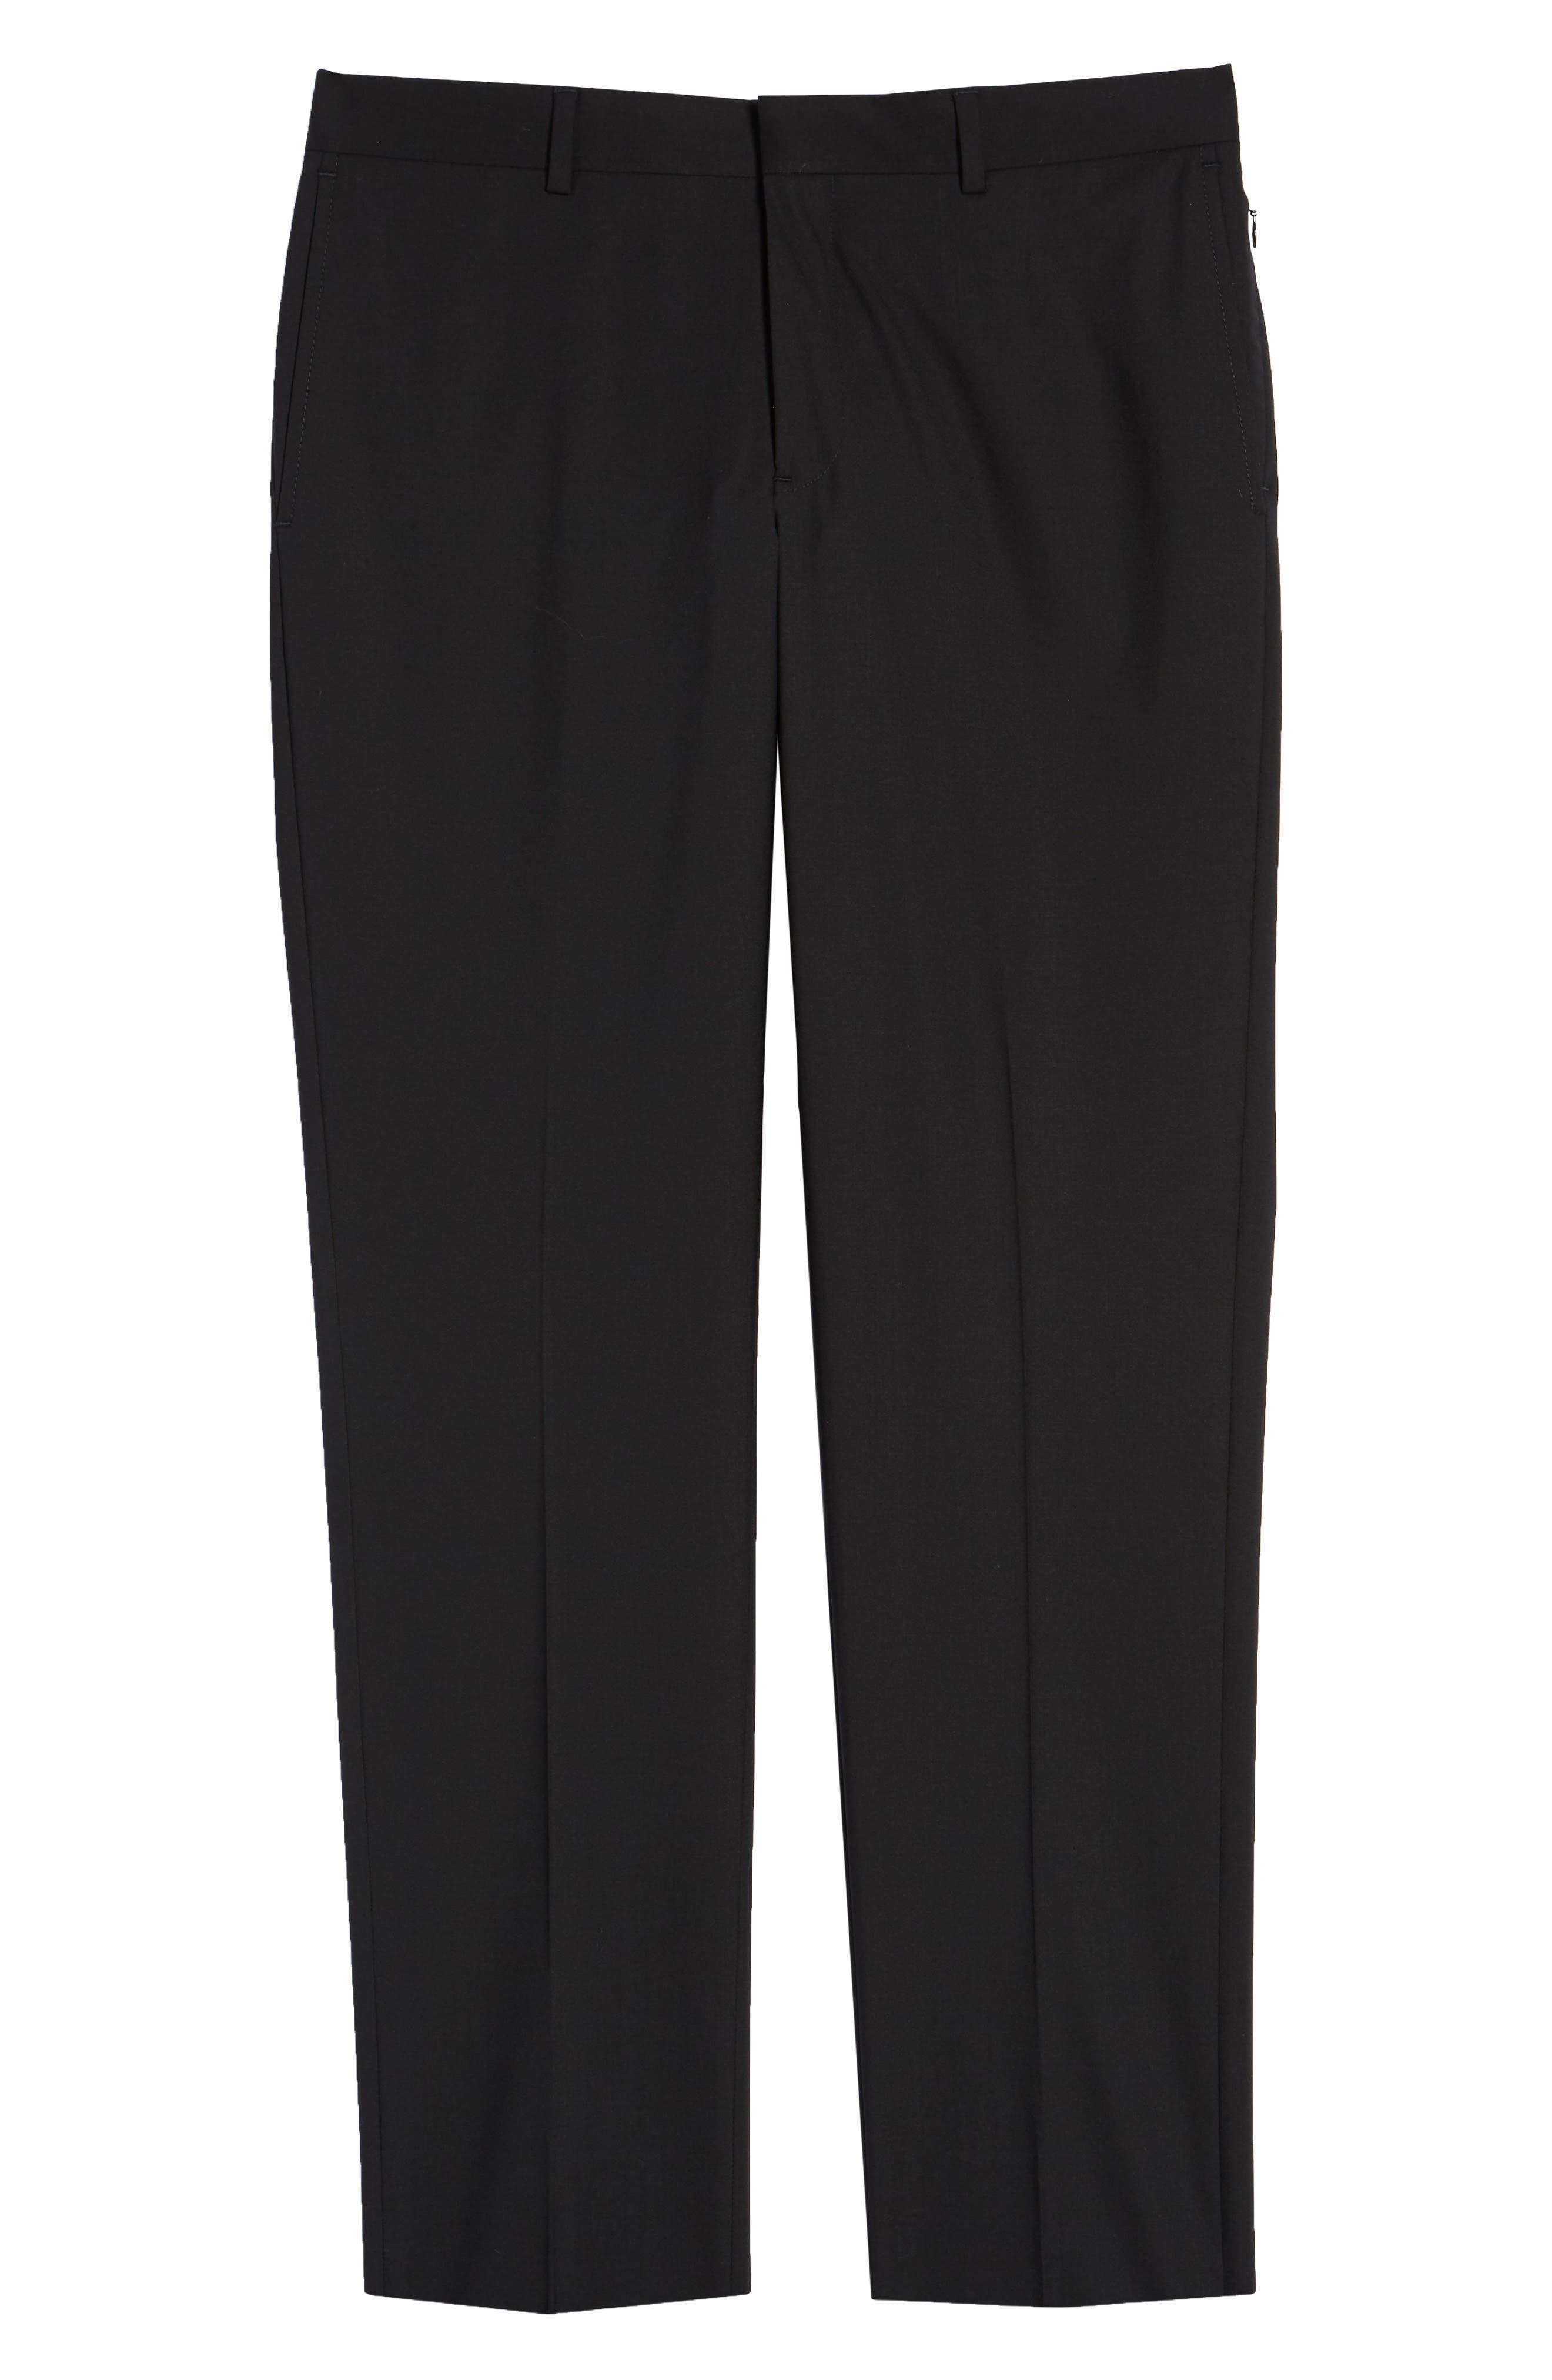 NORDSTROM MEN'S SHOP,                             Tech-Smart Trim Fit Stretch Wool Travel Trousers,                             Alternate thumbnail 6, color,                             BLACK